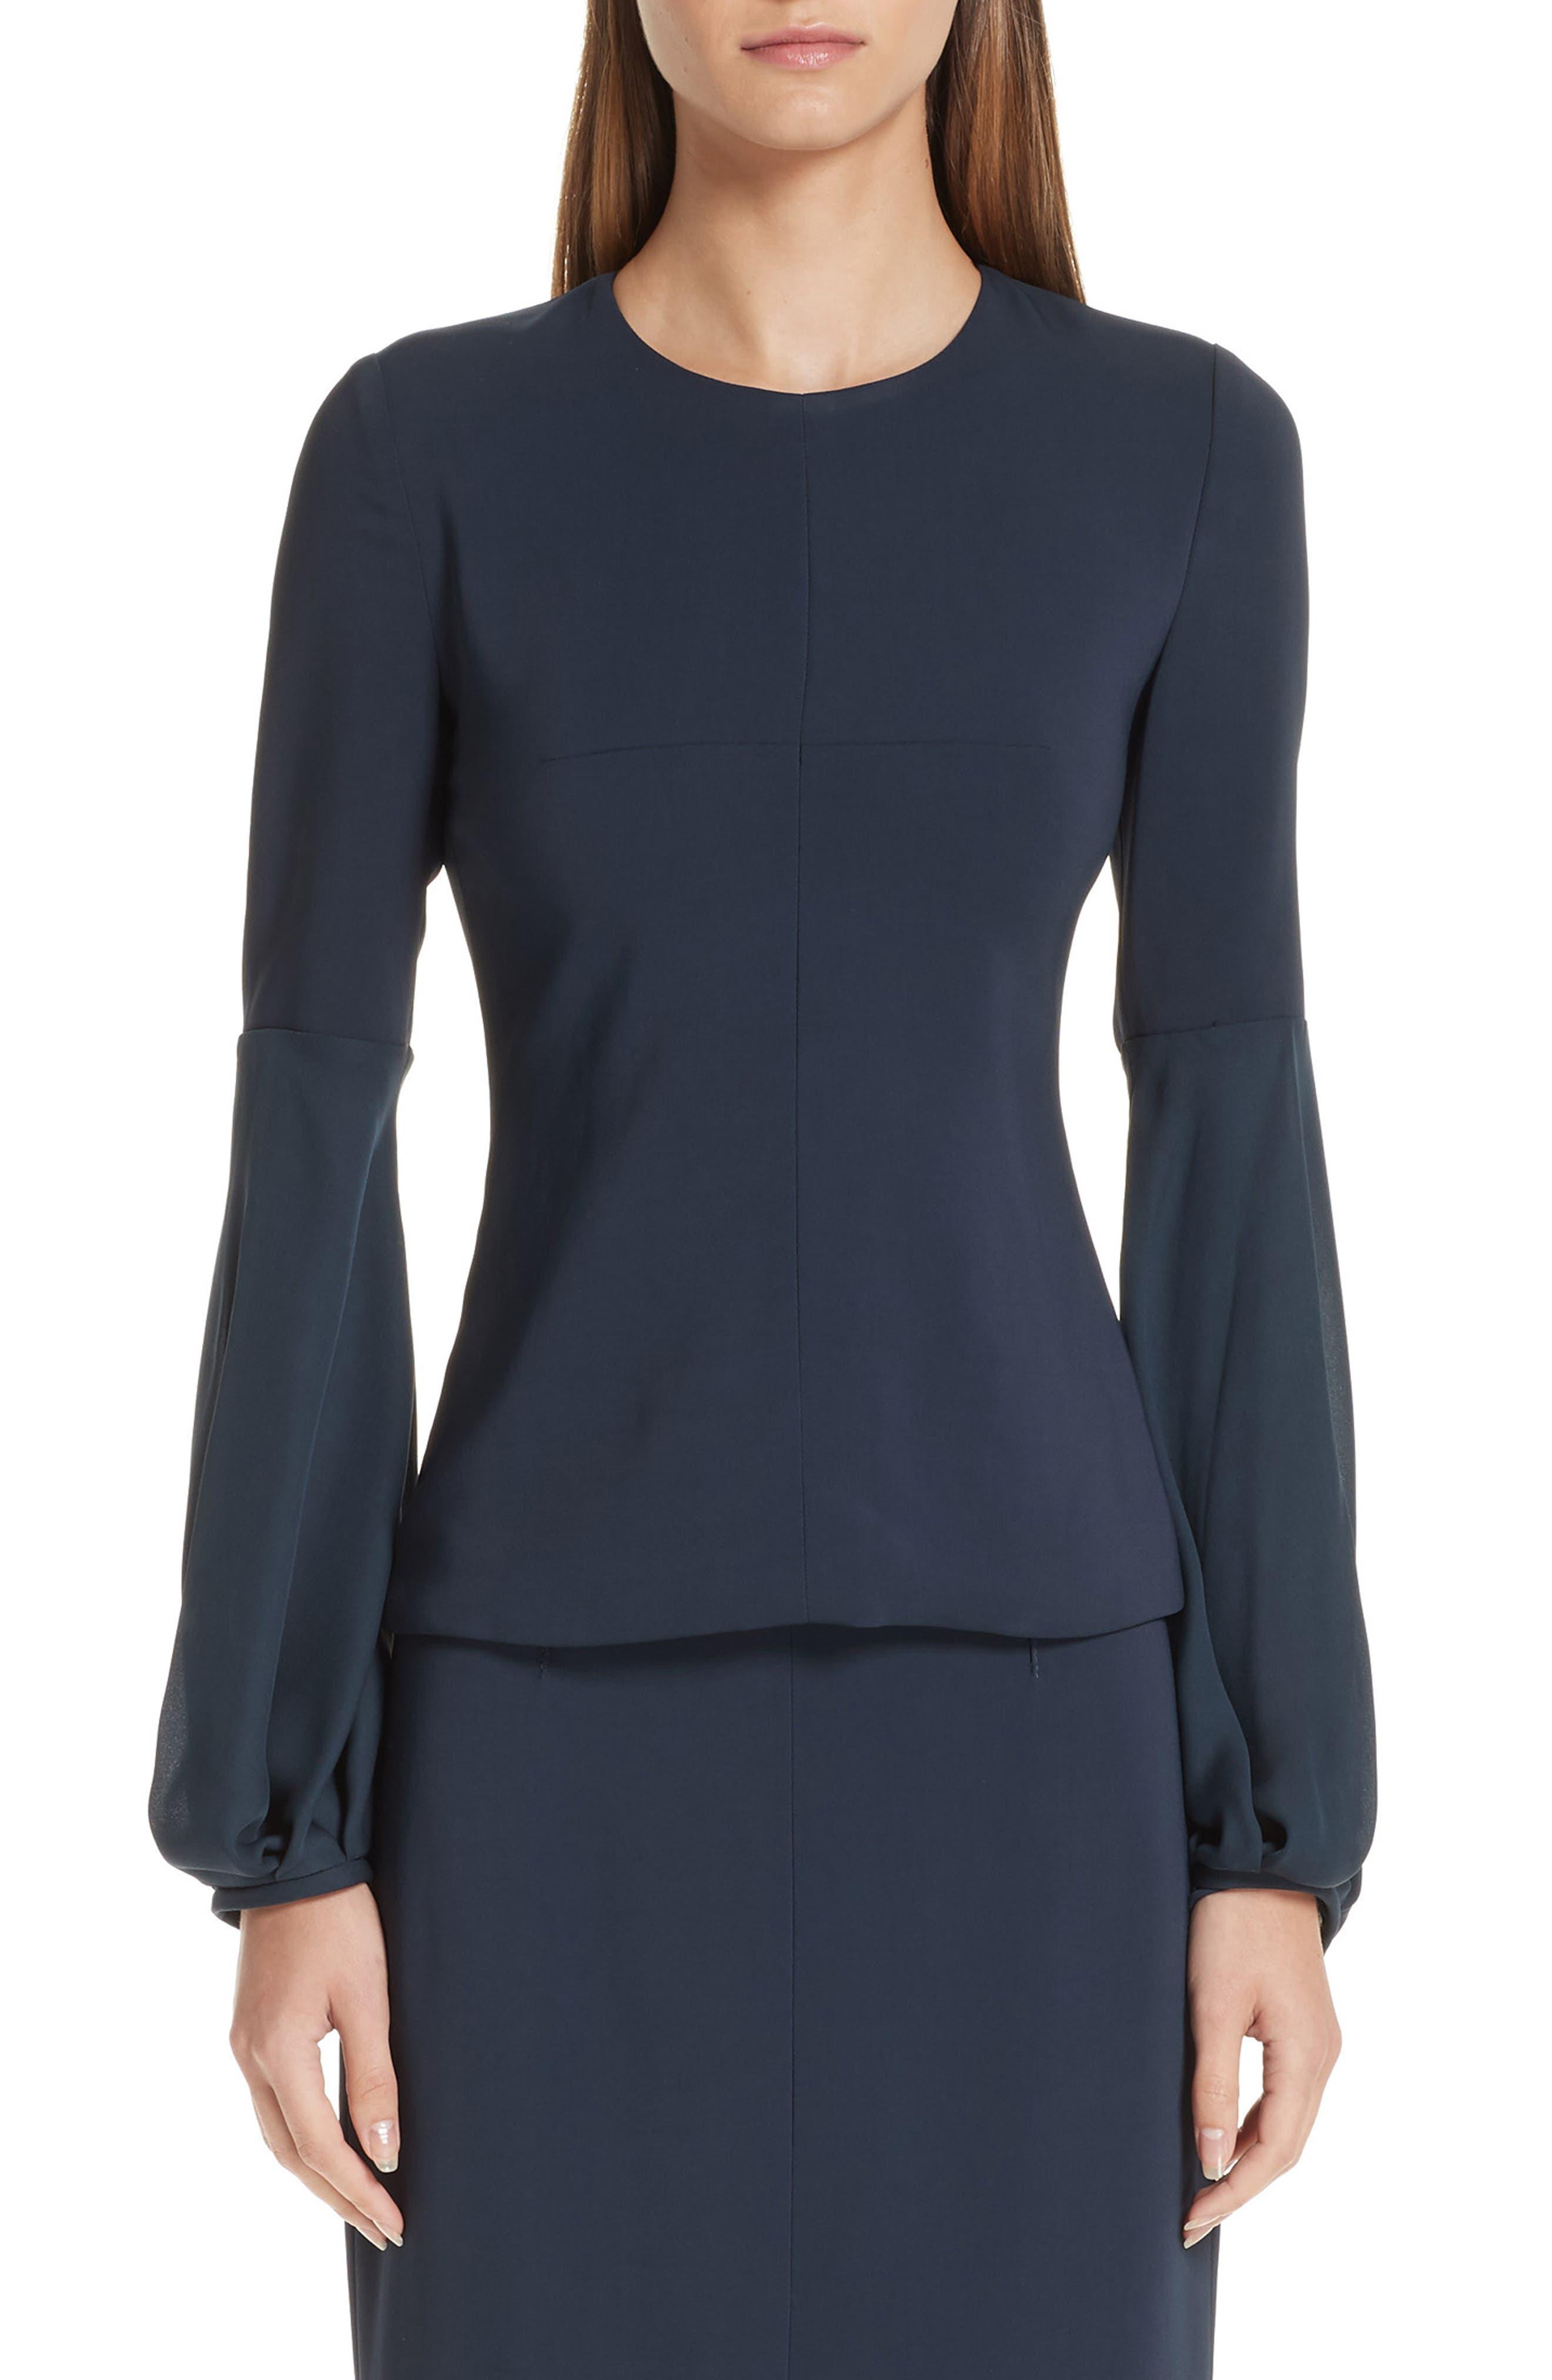 CUSHNIE Georgette Billowing Sleeve Top, Main, color, STORM